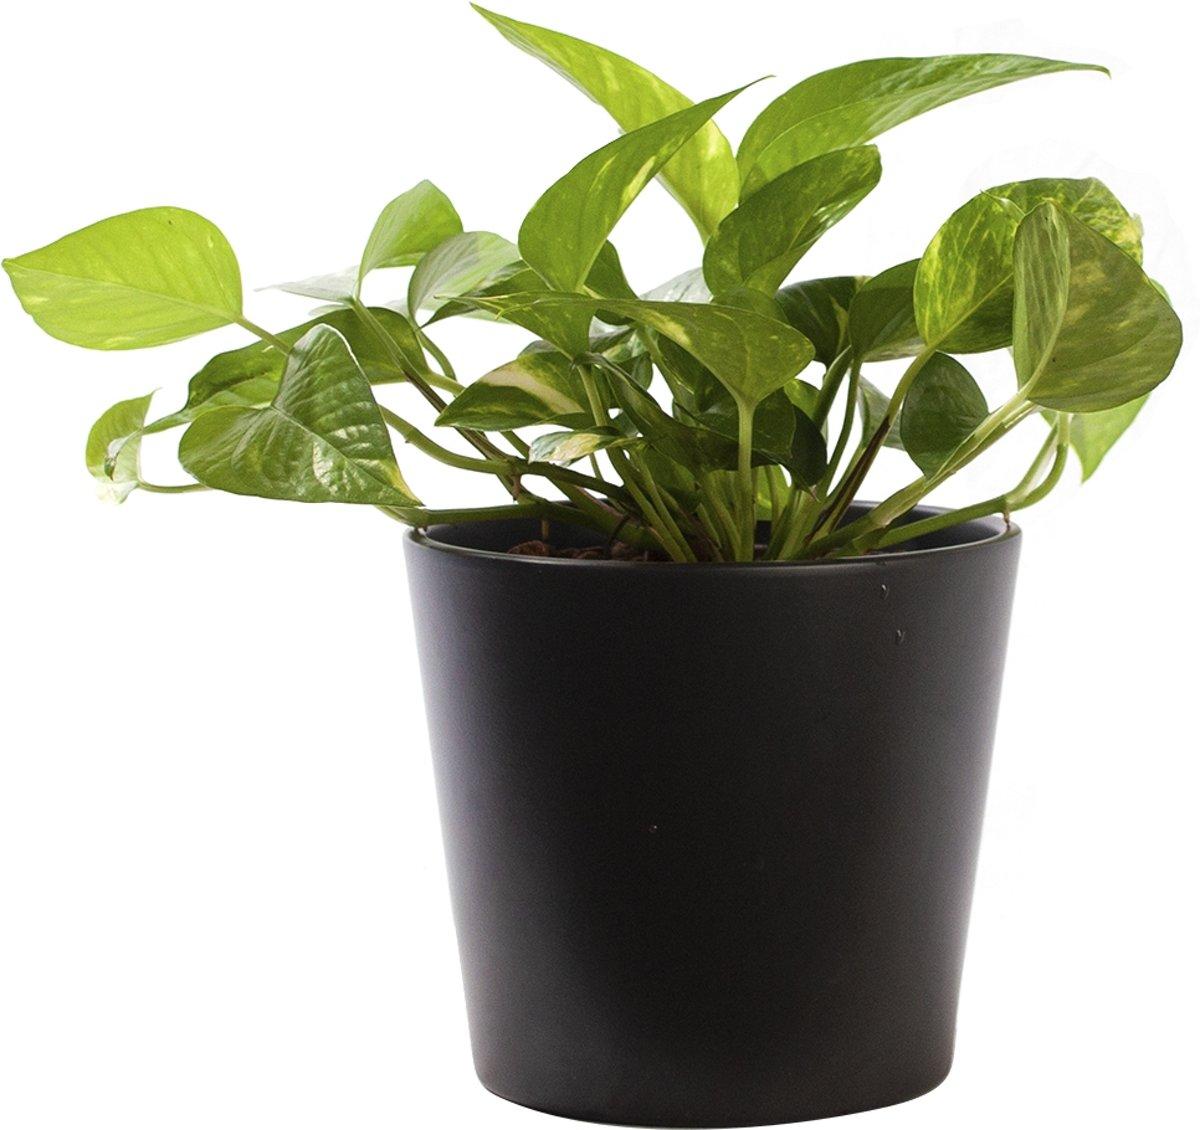 Plant in hydrocultuur systeem van Botanicly: Epipremnum pinatum Aureum met weinig onderhoud – in antraciet kleurig hydrocultuur sierpot – Hoogte: 20 cm